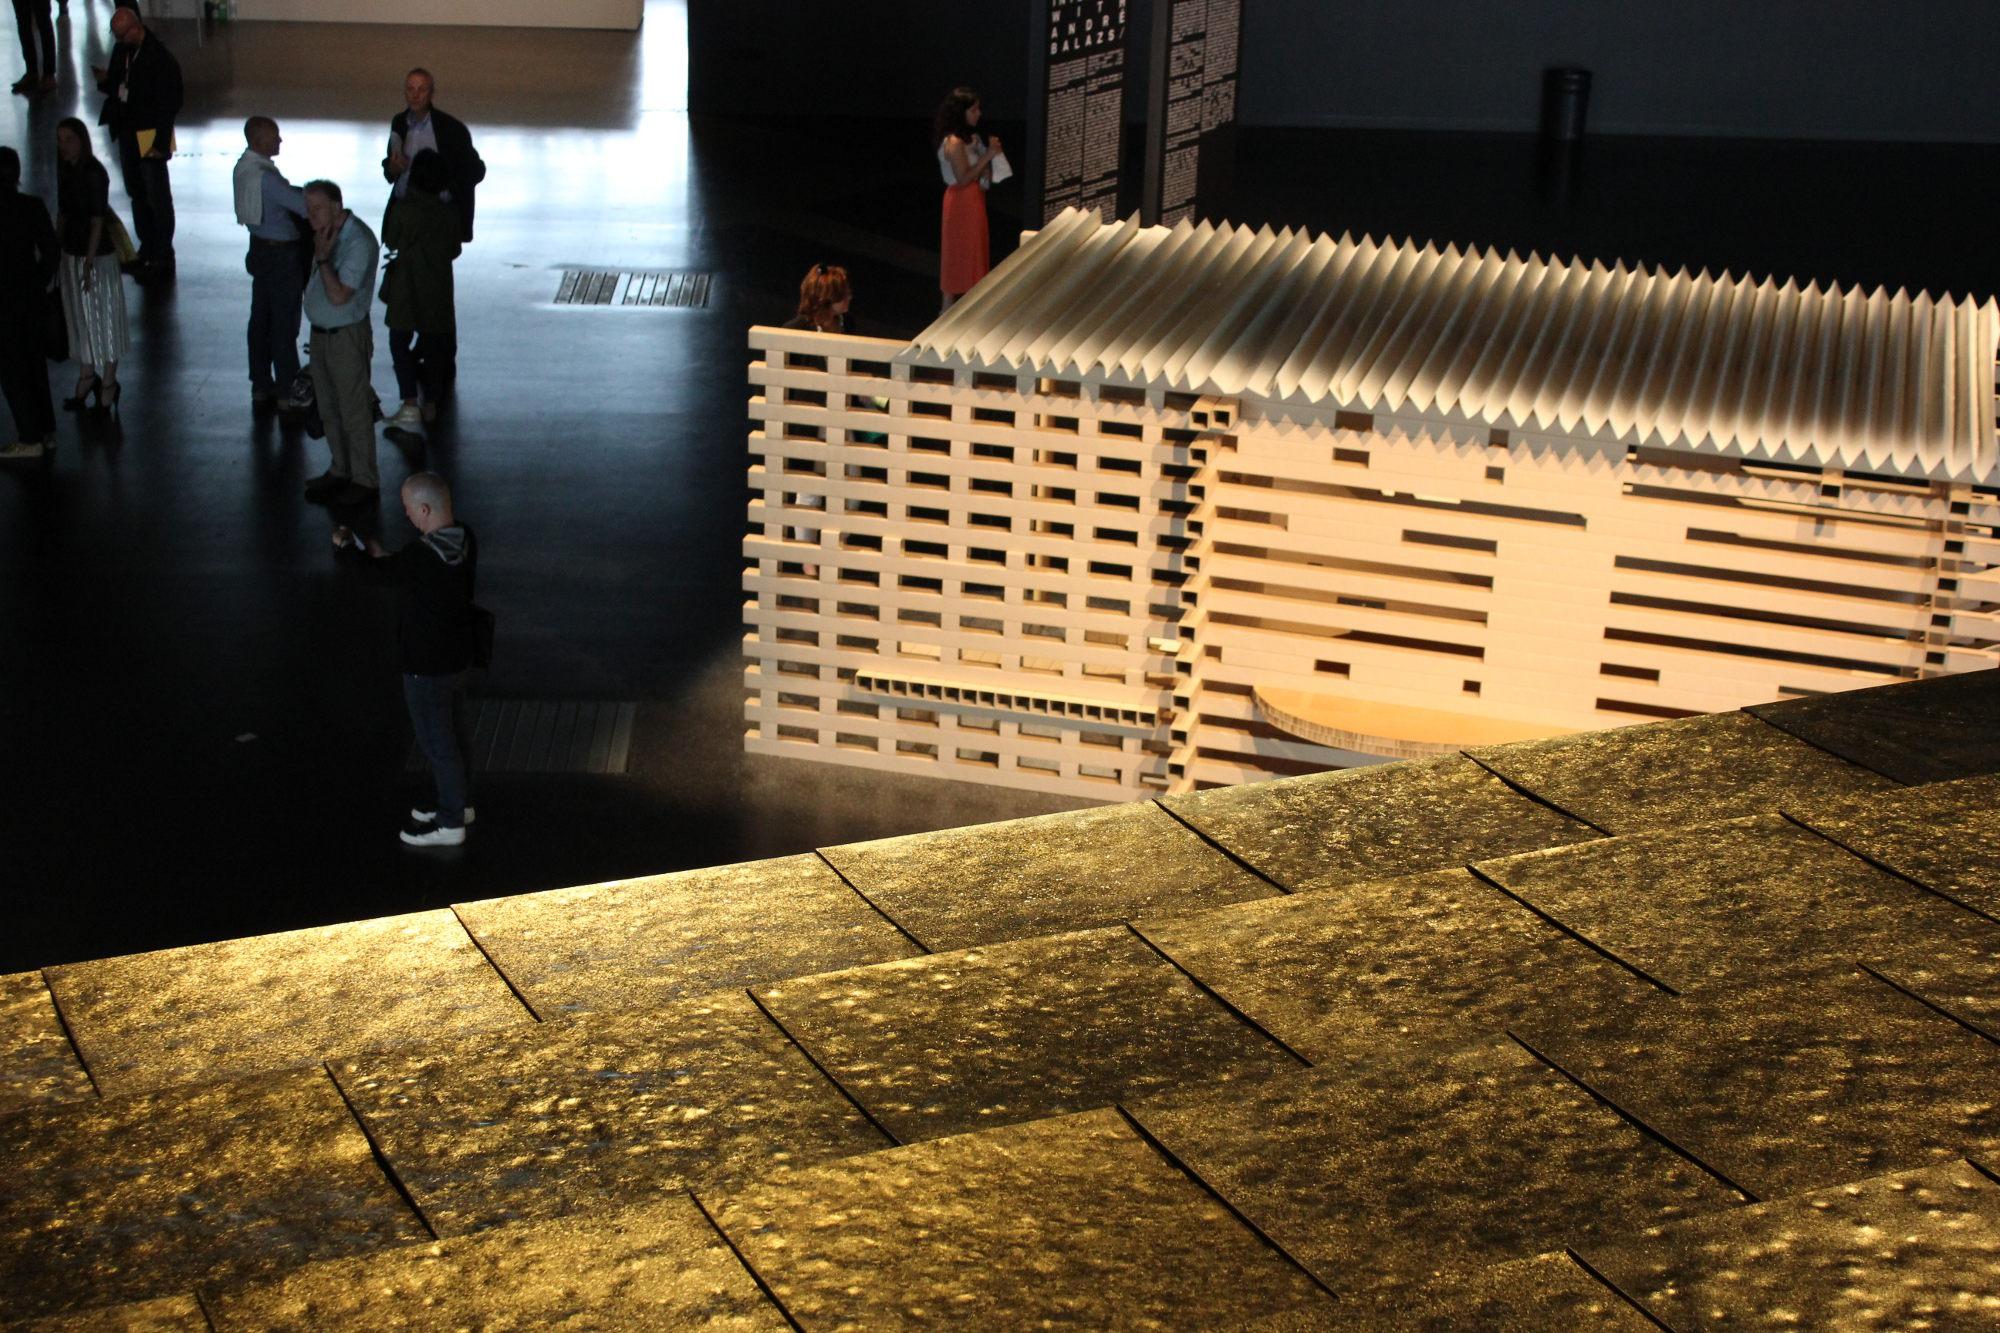 Shigeru Ban überträgt –zumindest aus westlicher Sicht – nicht ganz ironiefrei die japanische Holzarchitektur auf sein aus Karton und Papier bestehendes Teehaus. Im Vordergrund die Goldpanele von François' goldenem Haus.